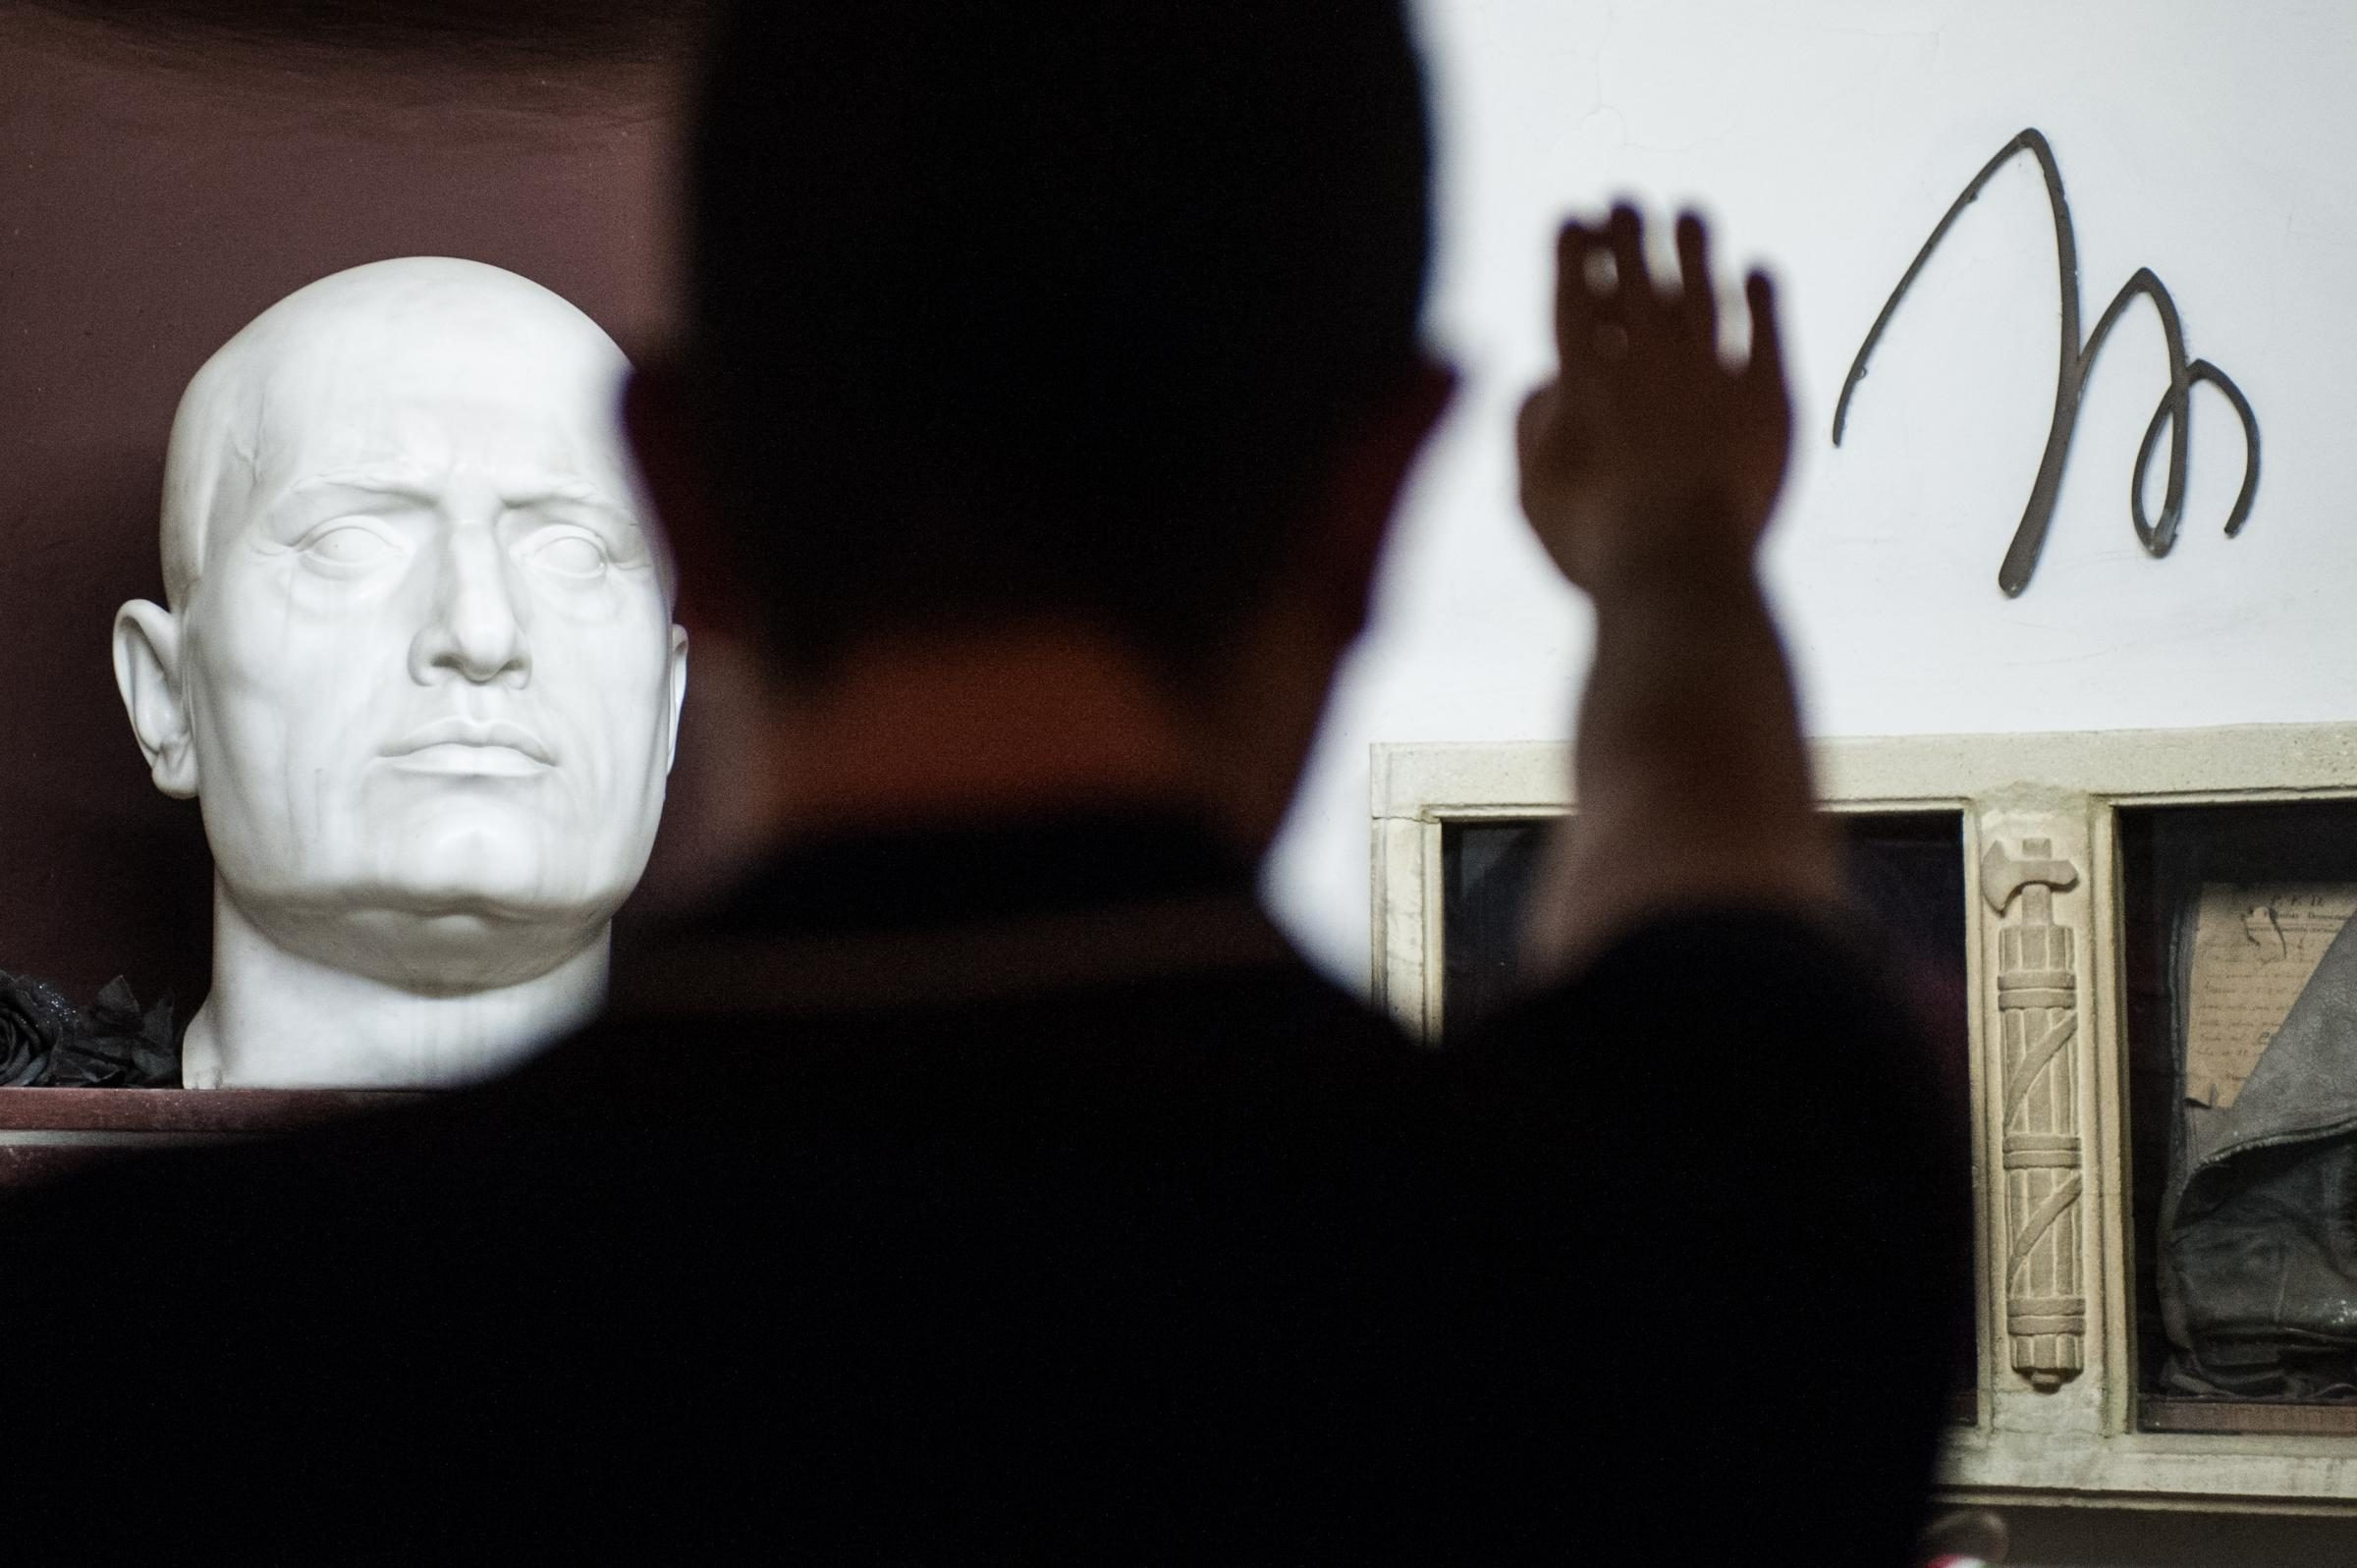 Discorso Camera Mussolini : Cesa caserta esponente del movimento 5 stelle cita mussolini in